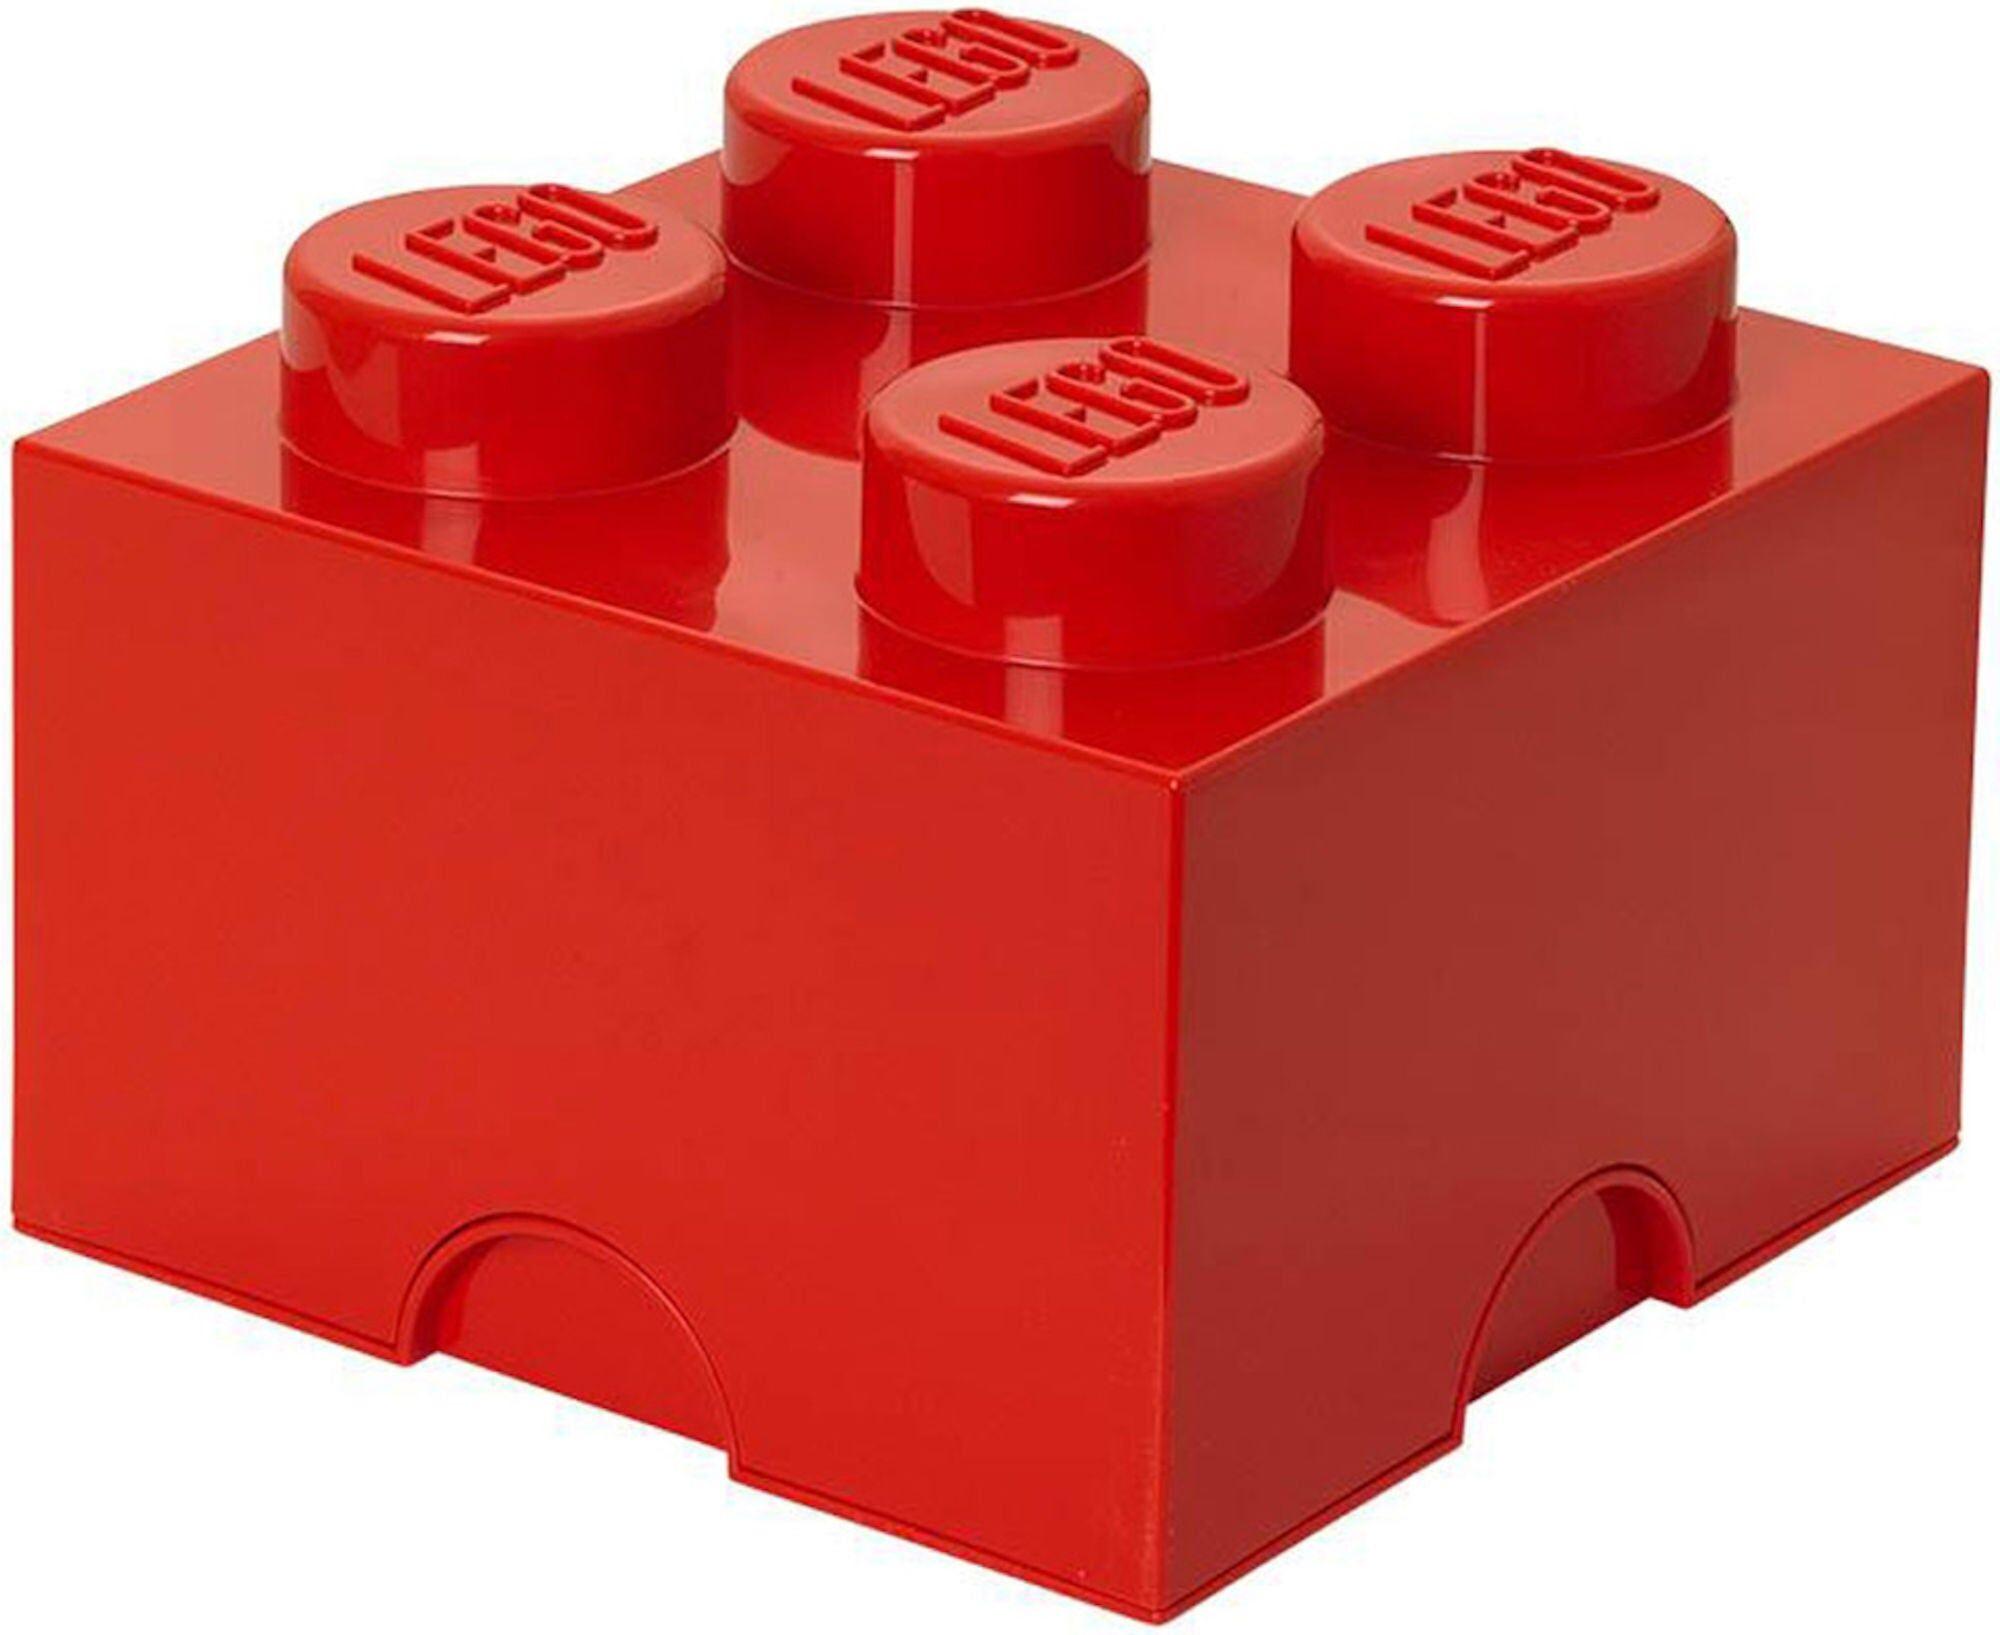 Lego Oppbevaring 4 Rød